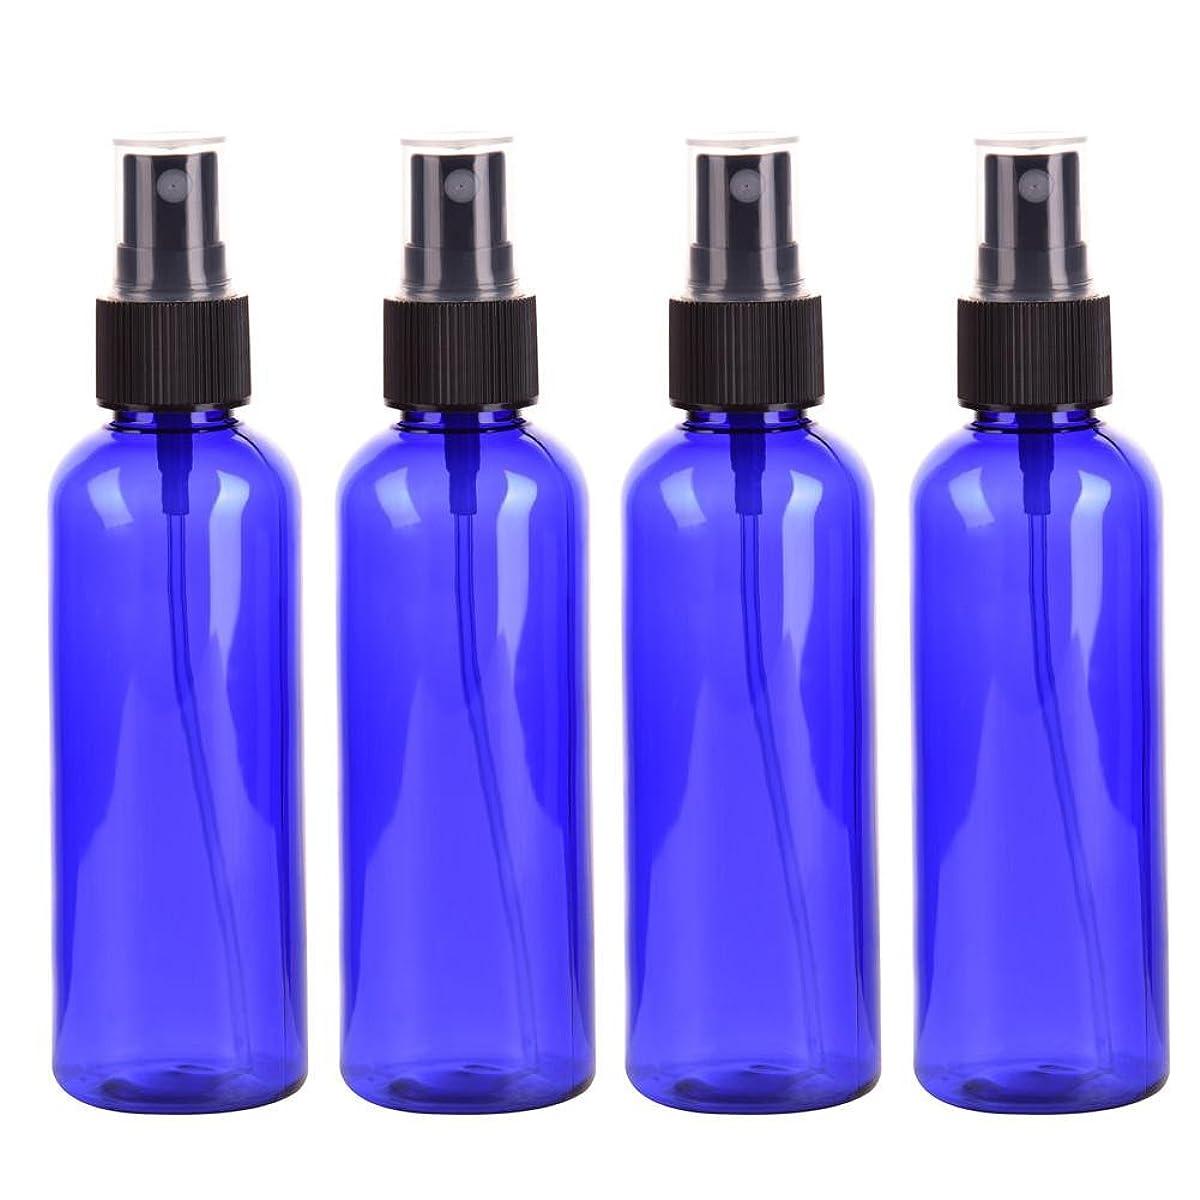 攻撃的個人的な休憩【Cheng-store】100mlスプレーボトル 微細ミストプラスチックボトル 化粧液容器 化粧品サブボトルサンプルボトル(4pcs)